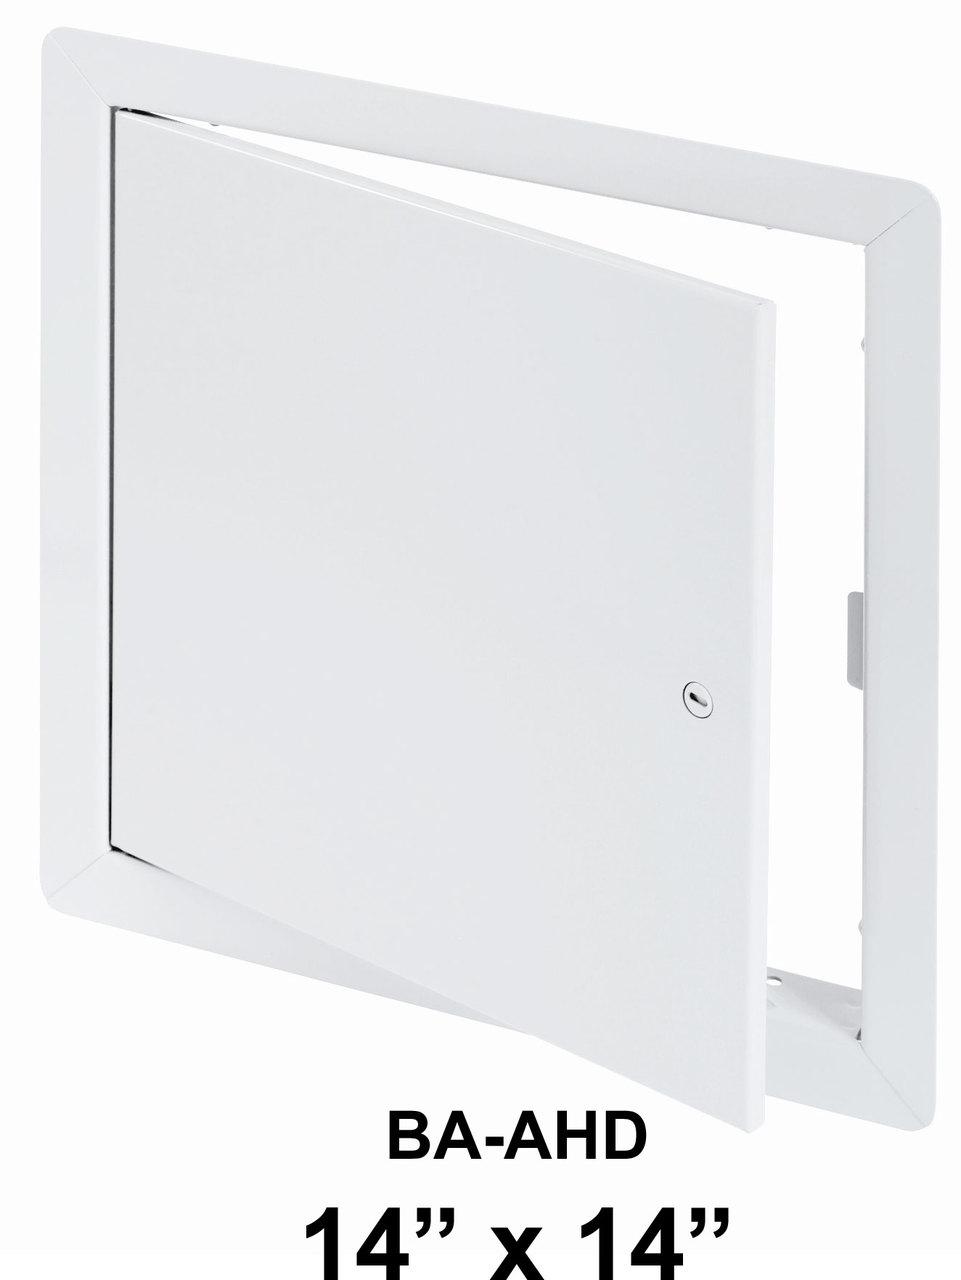 BA-AHD Access Door 14 x 14 General Purpose Door with Flange – BEST